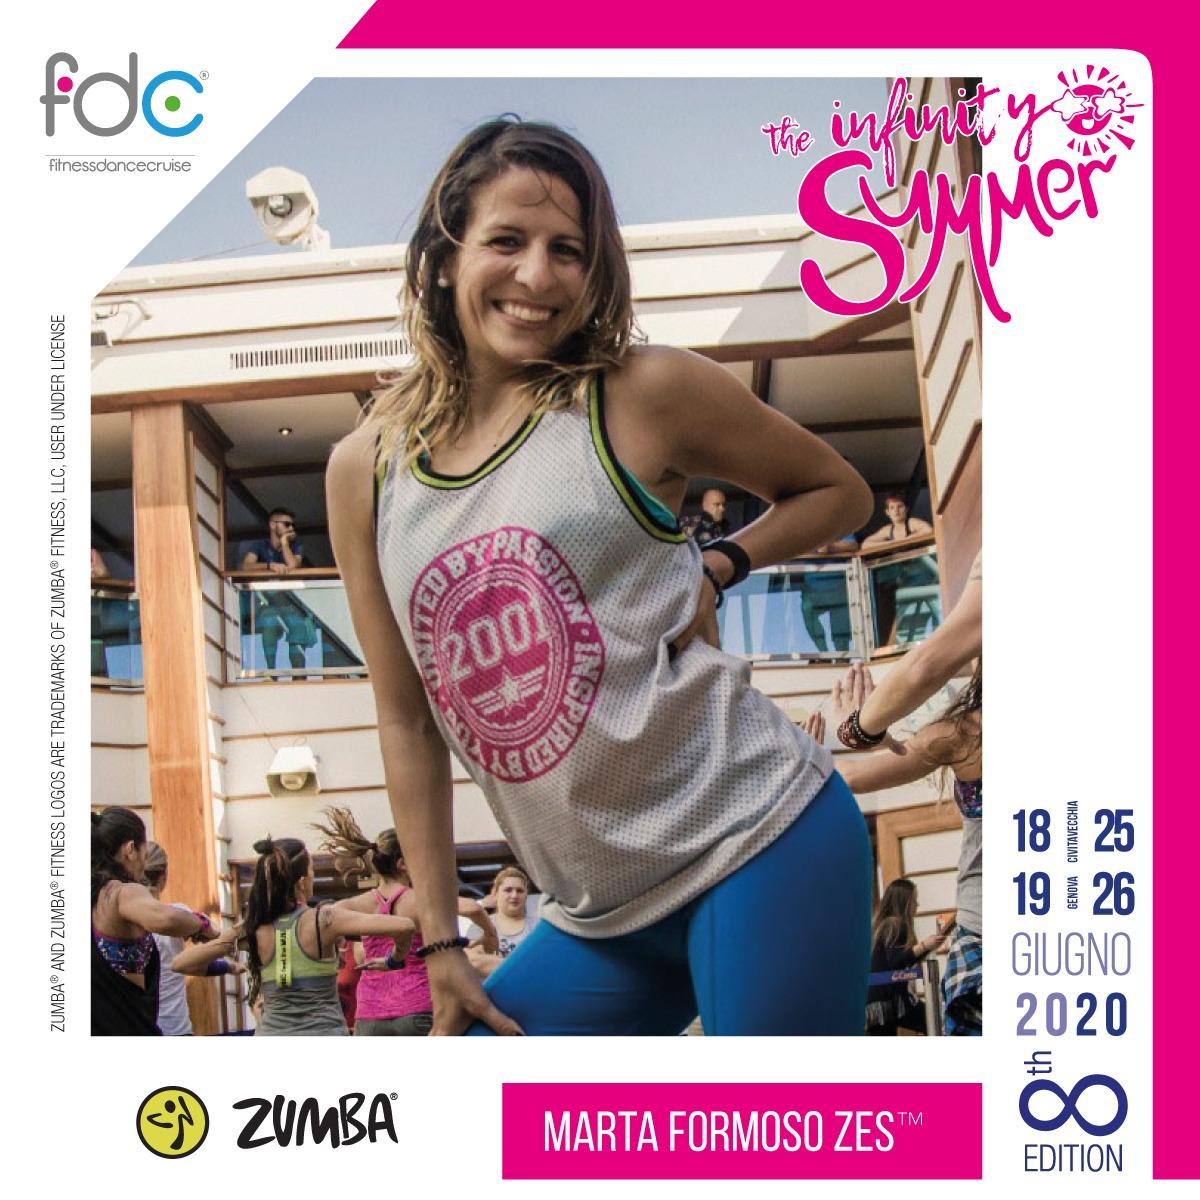 Zumba FDC Presenter Marta Formoso